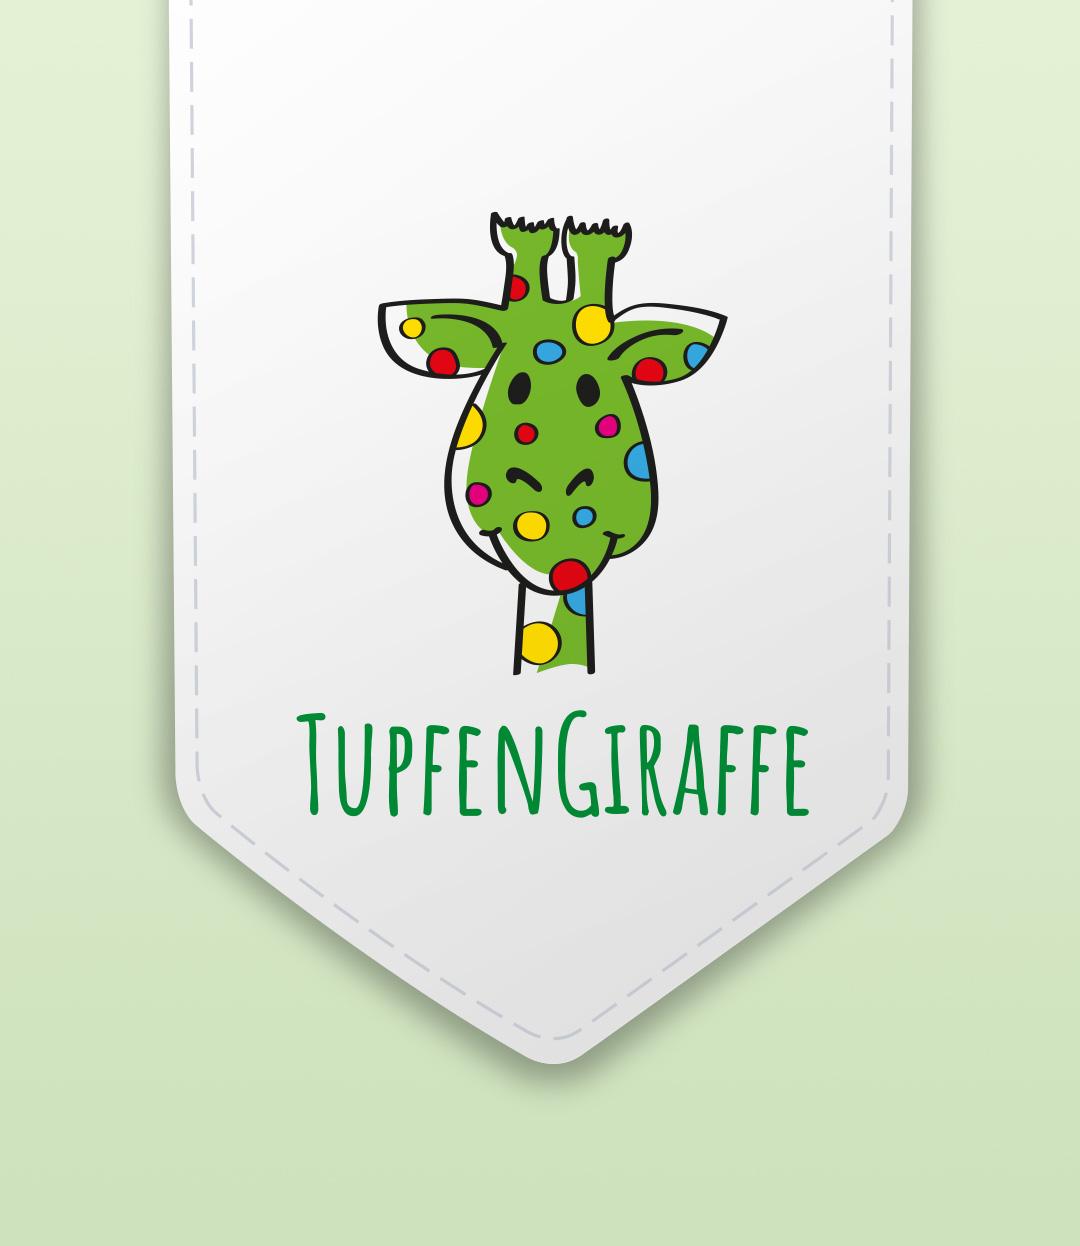 Tupfengiraffe